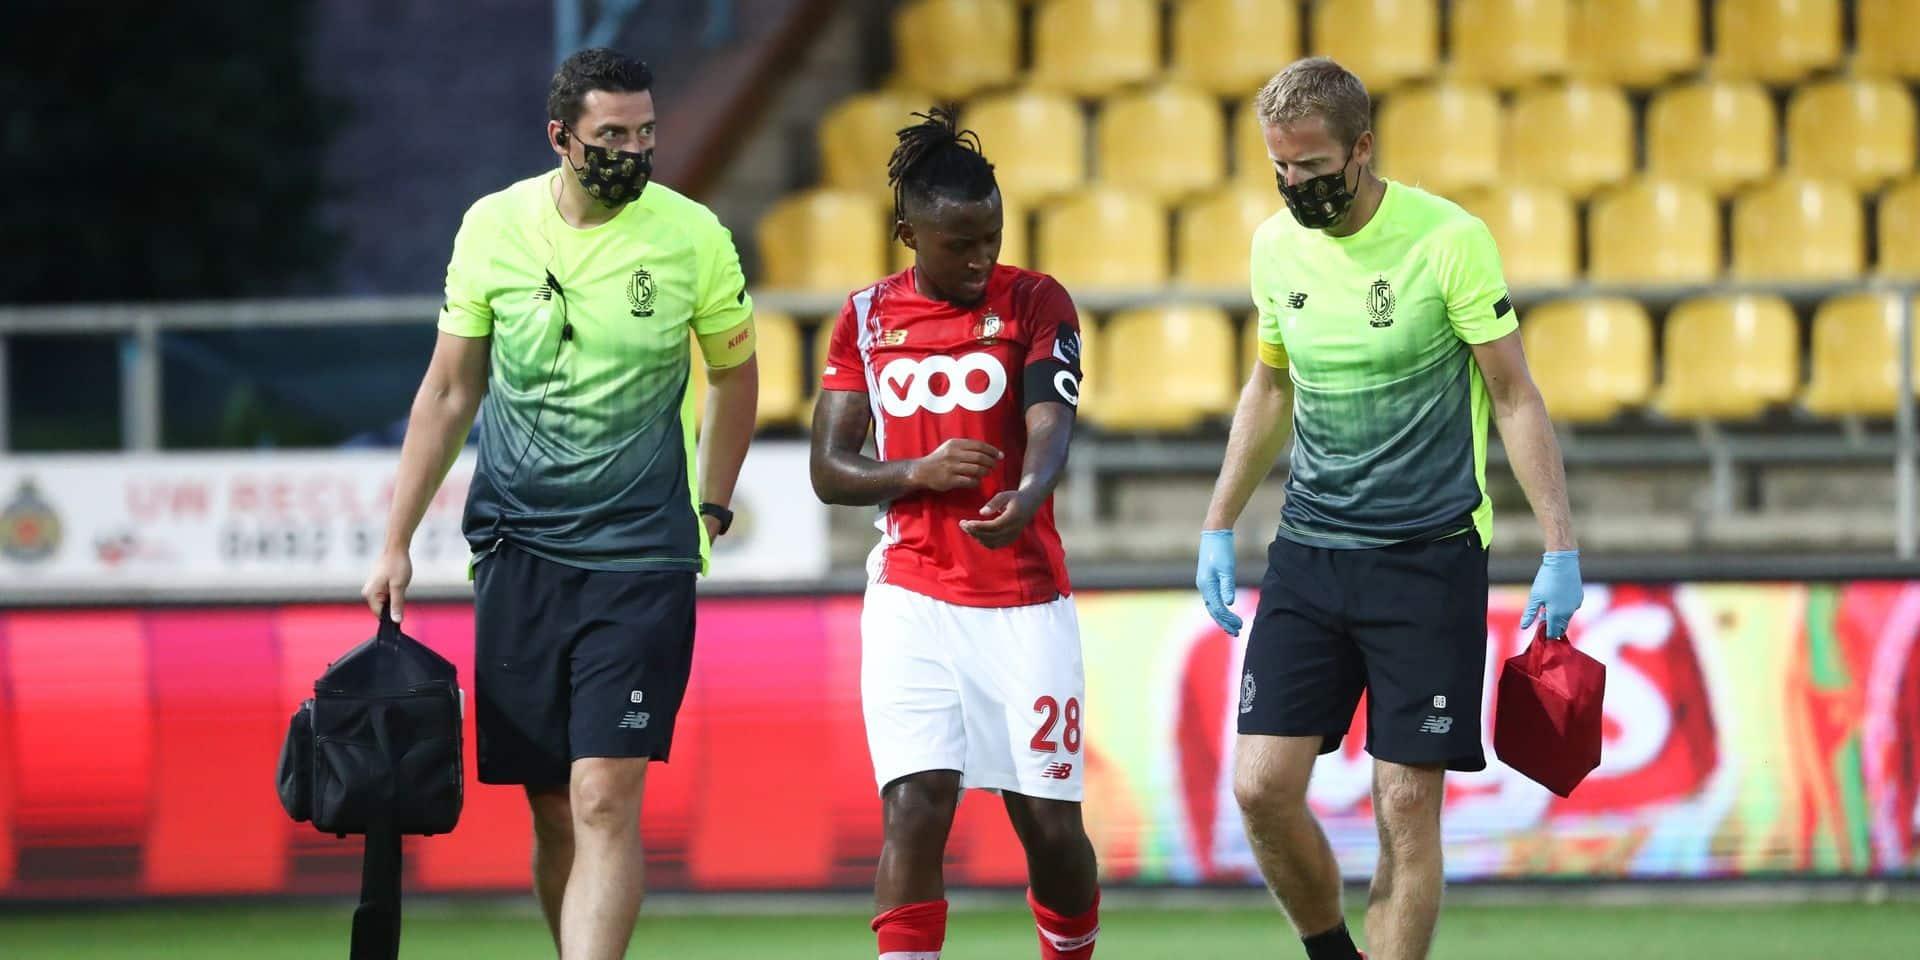 Bastien homme du match, Shamir décevant: les notes du Standard face à Waasland Beveren